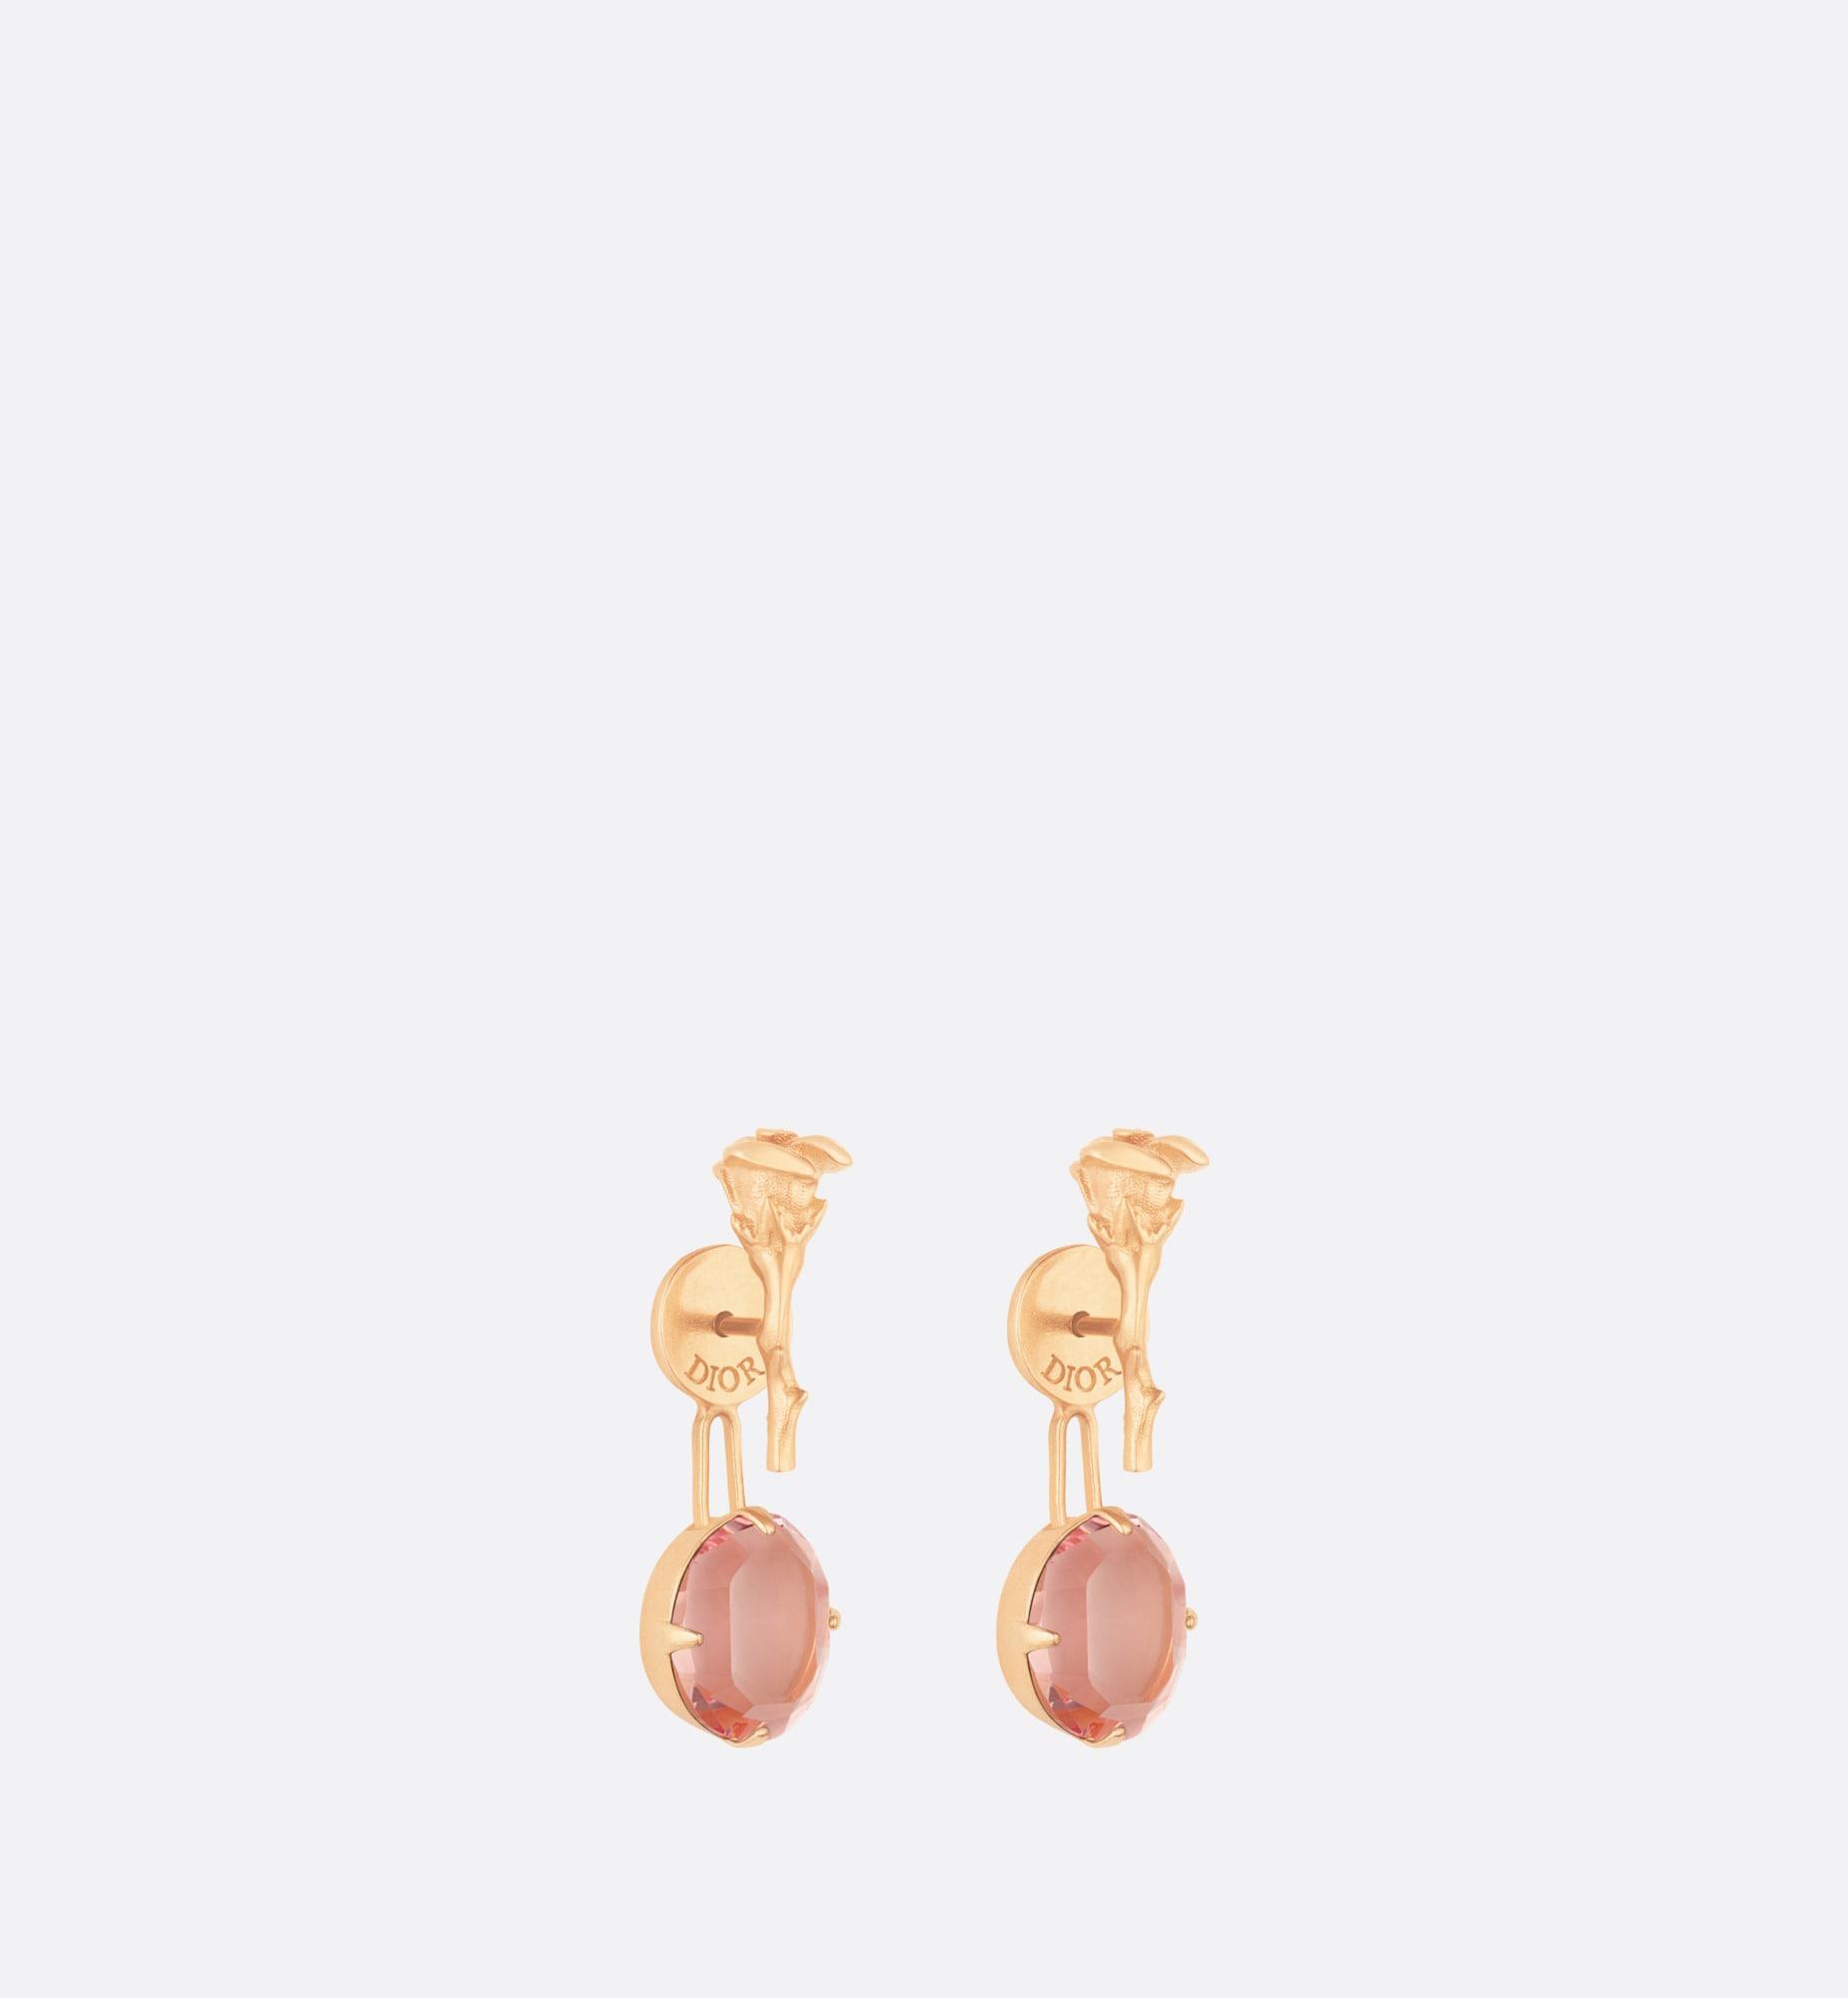 dior dream earrings | Dior Three quarter closed view